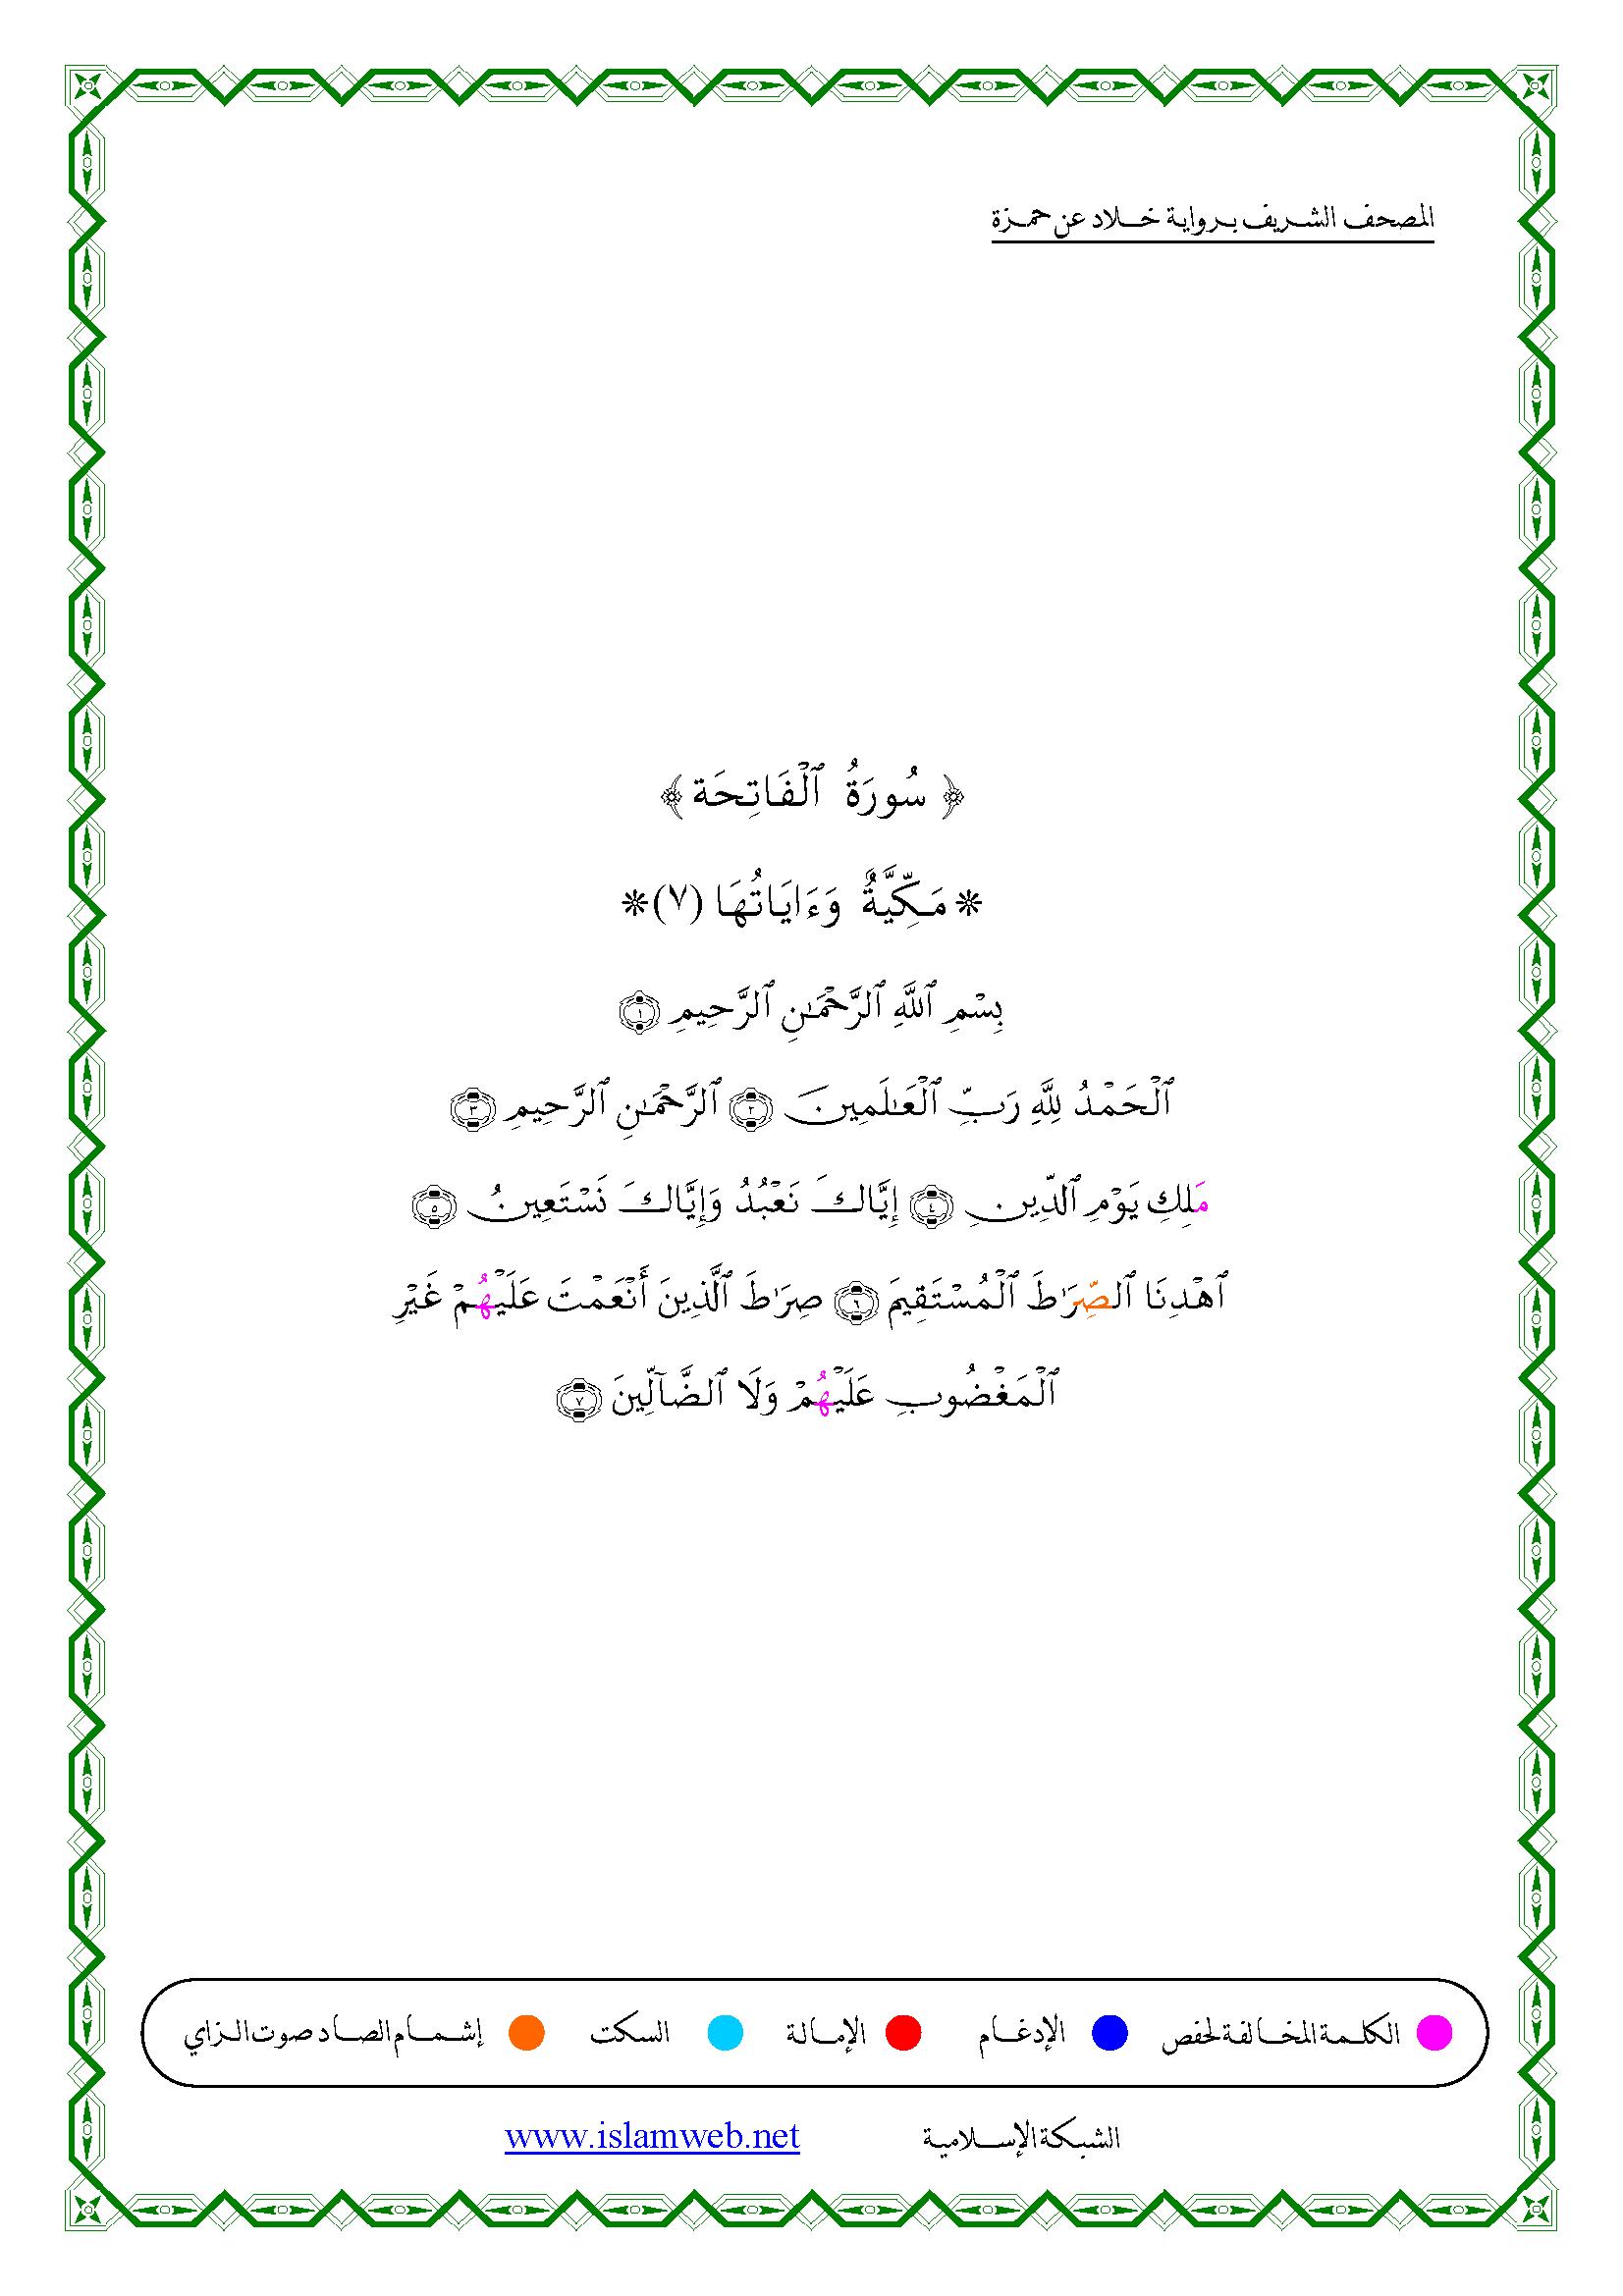 تحميل كتاب المصحف الشريف برواية خلاد عن حمزة